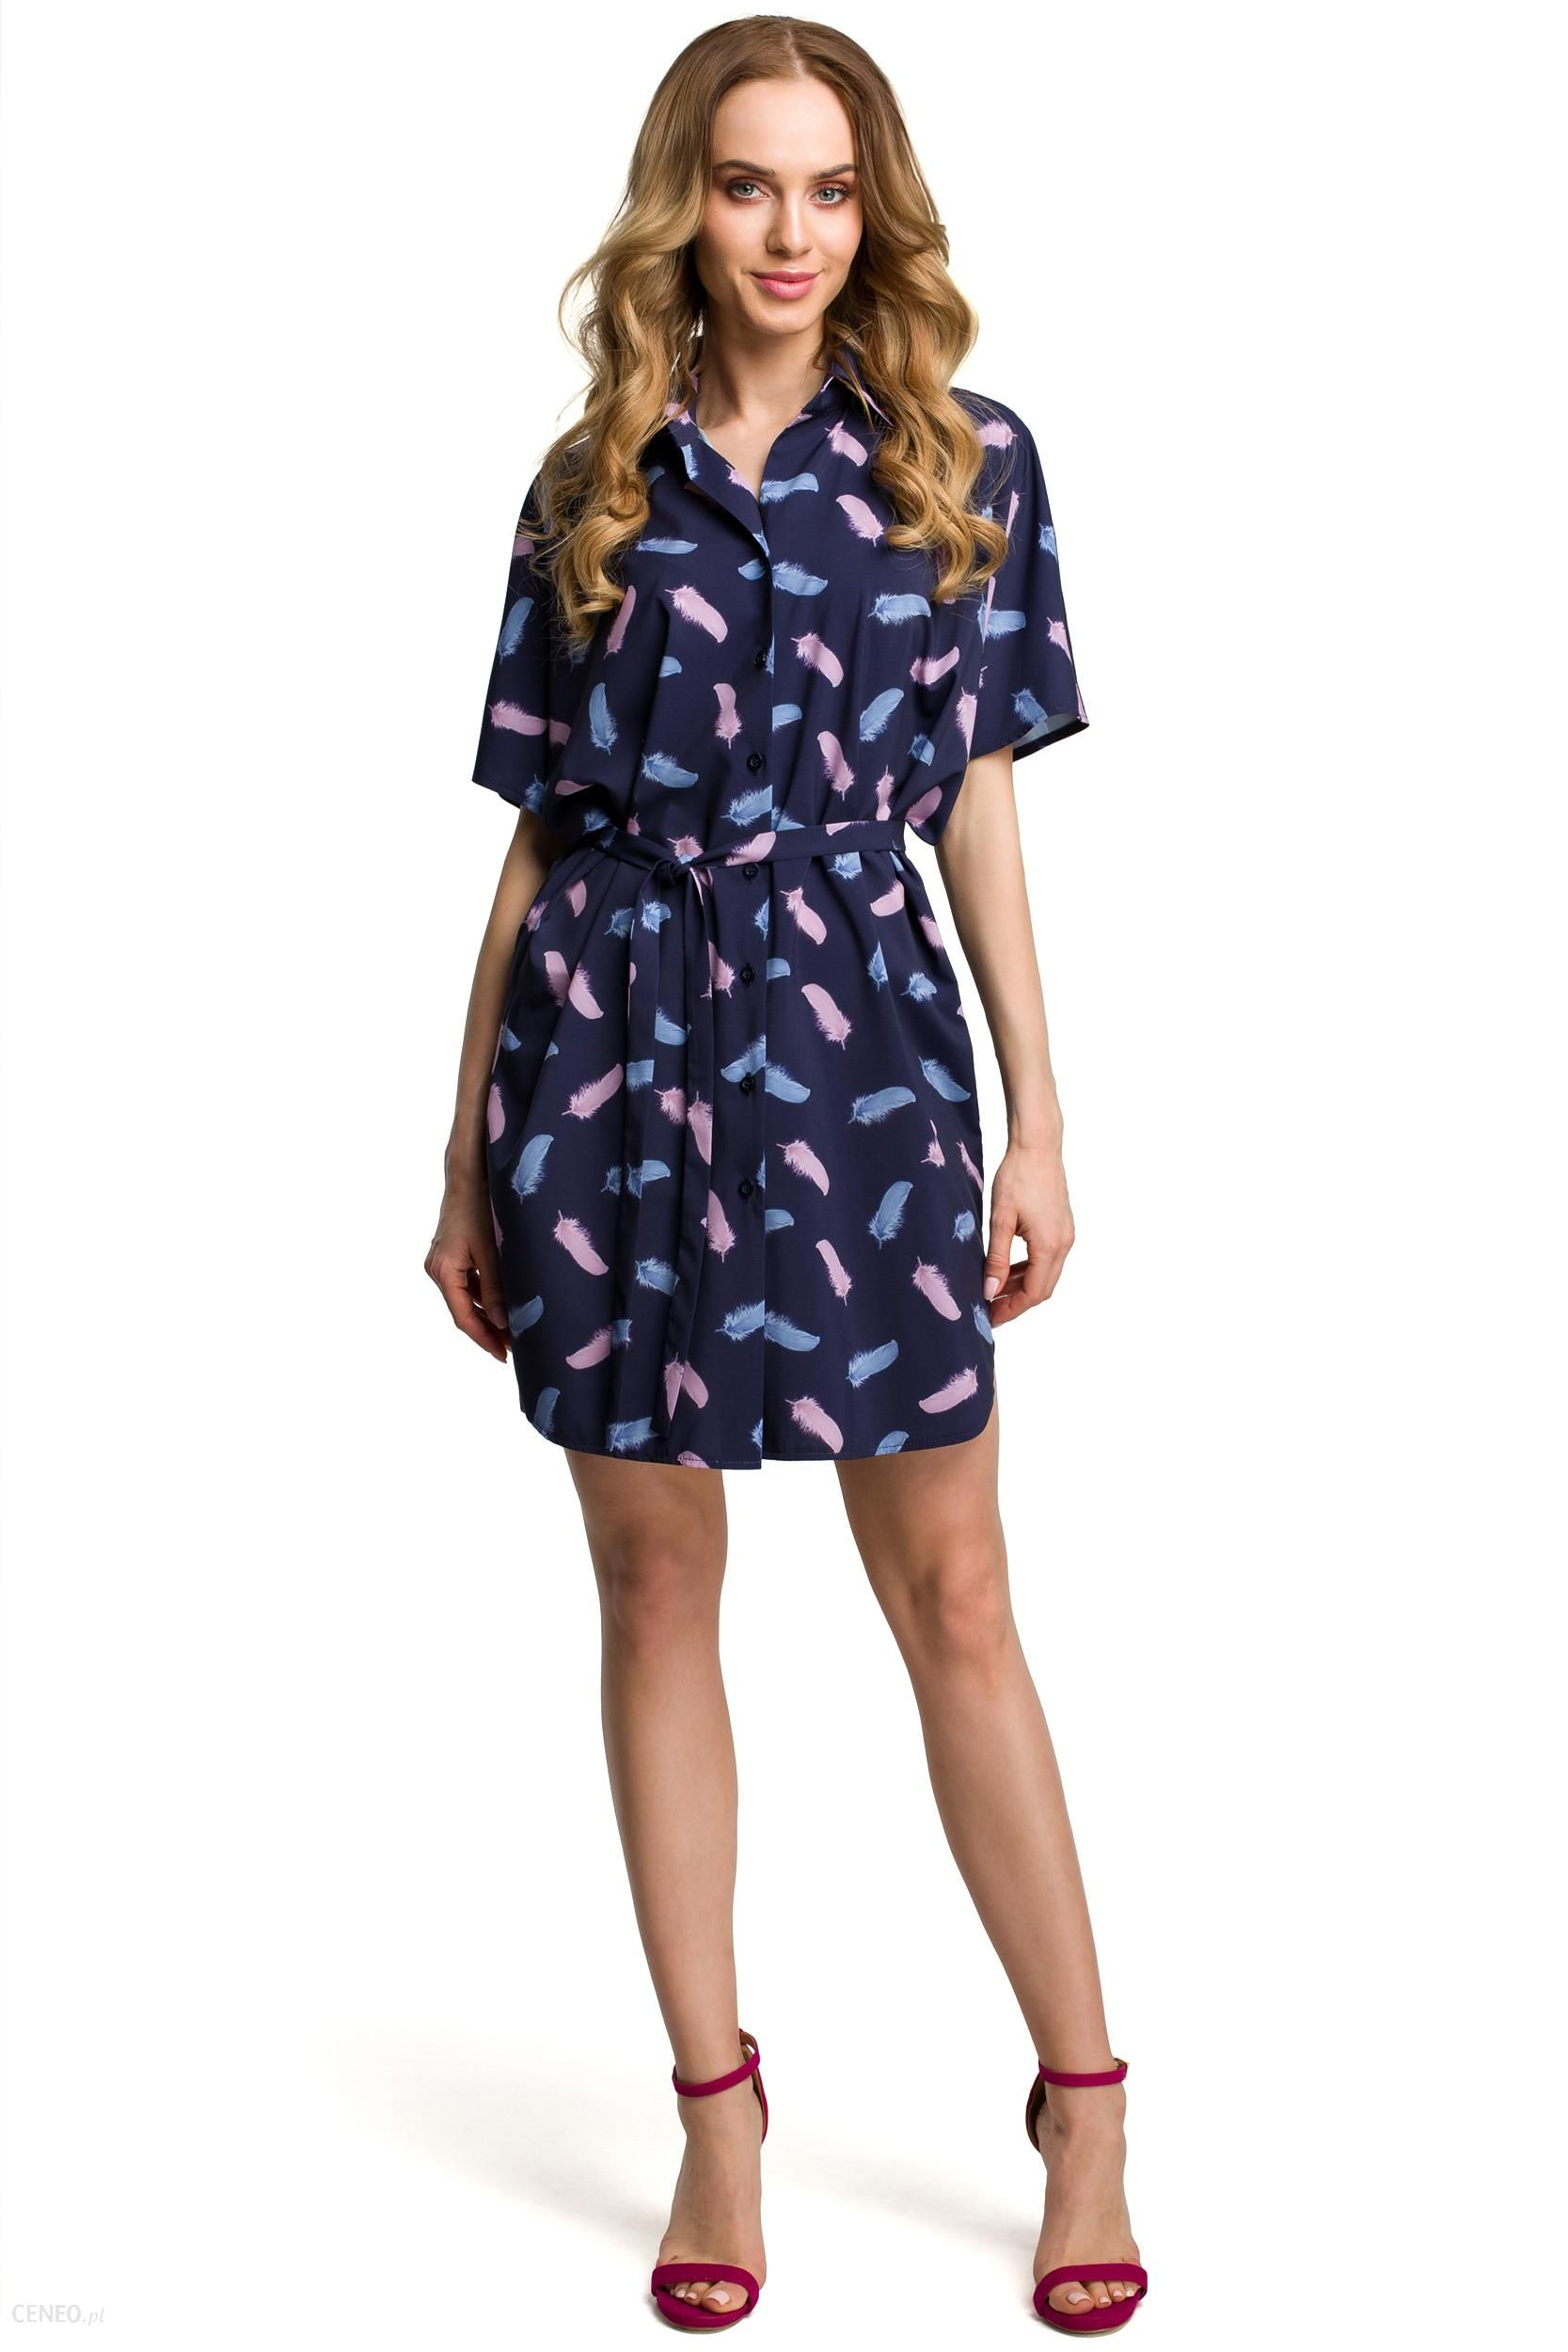 d70dc0df85 Sukienka koszulowa na lato print w piórka granatowa M385 - Ceny i ...